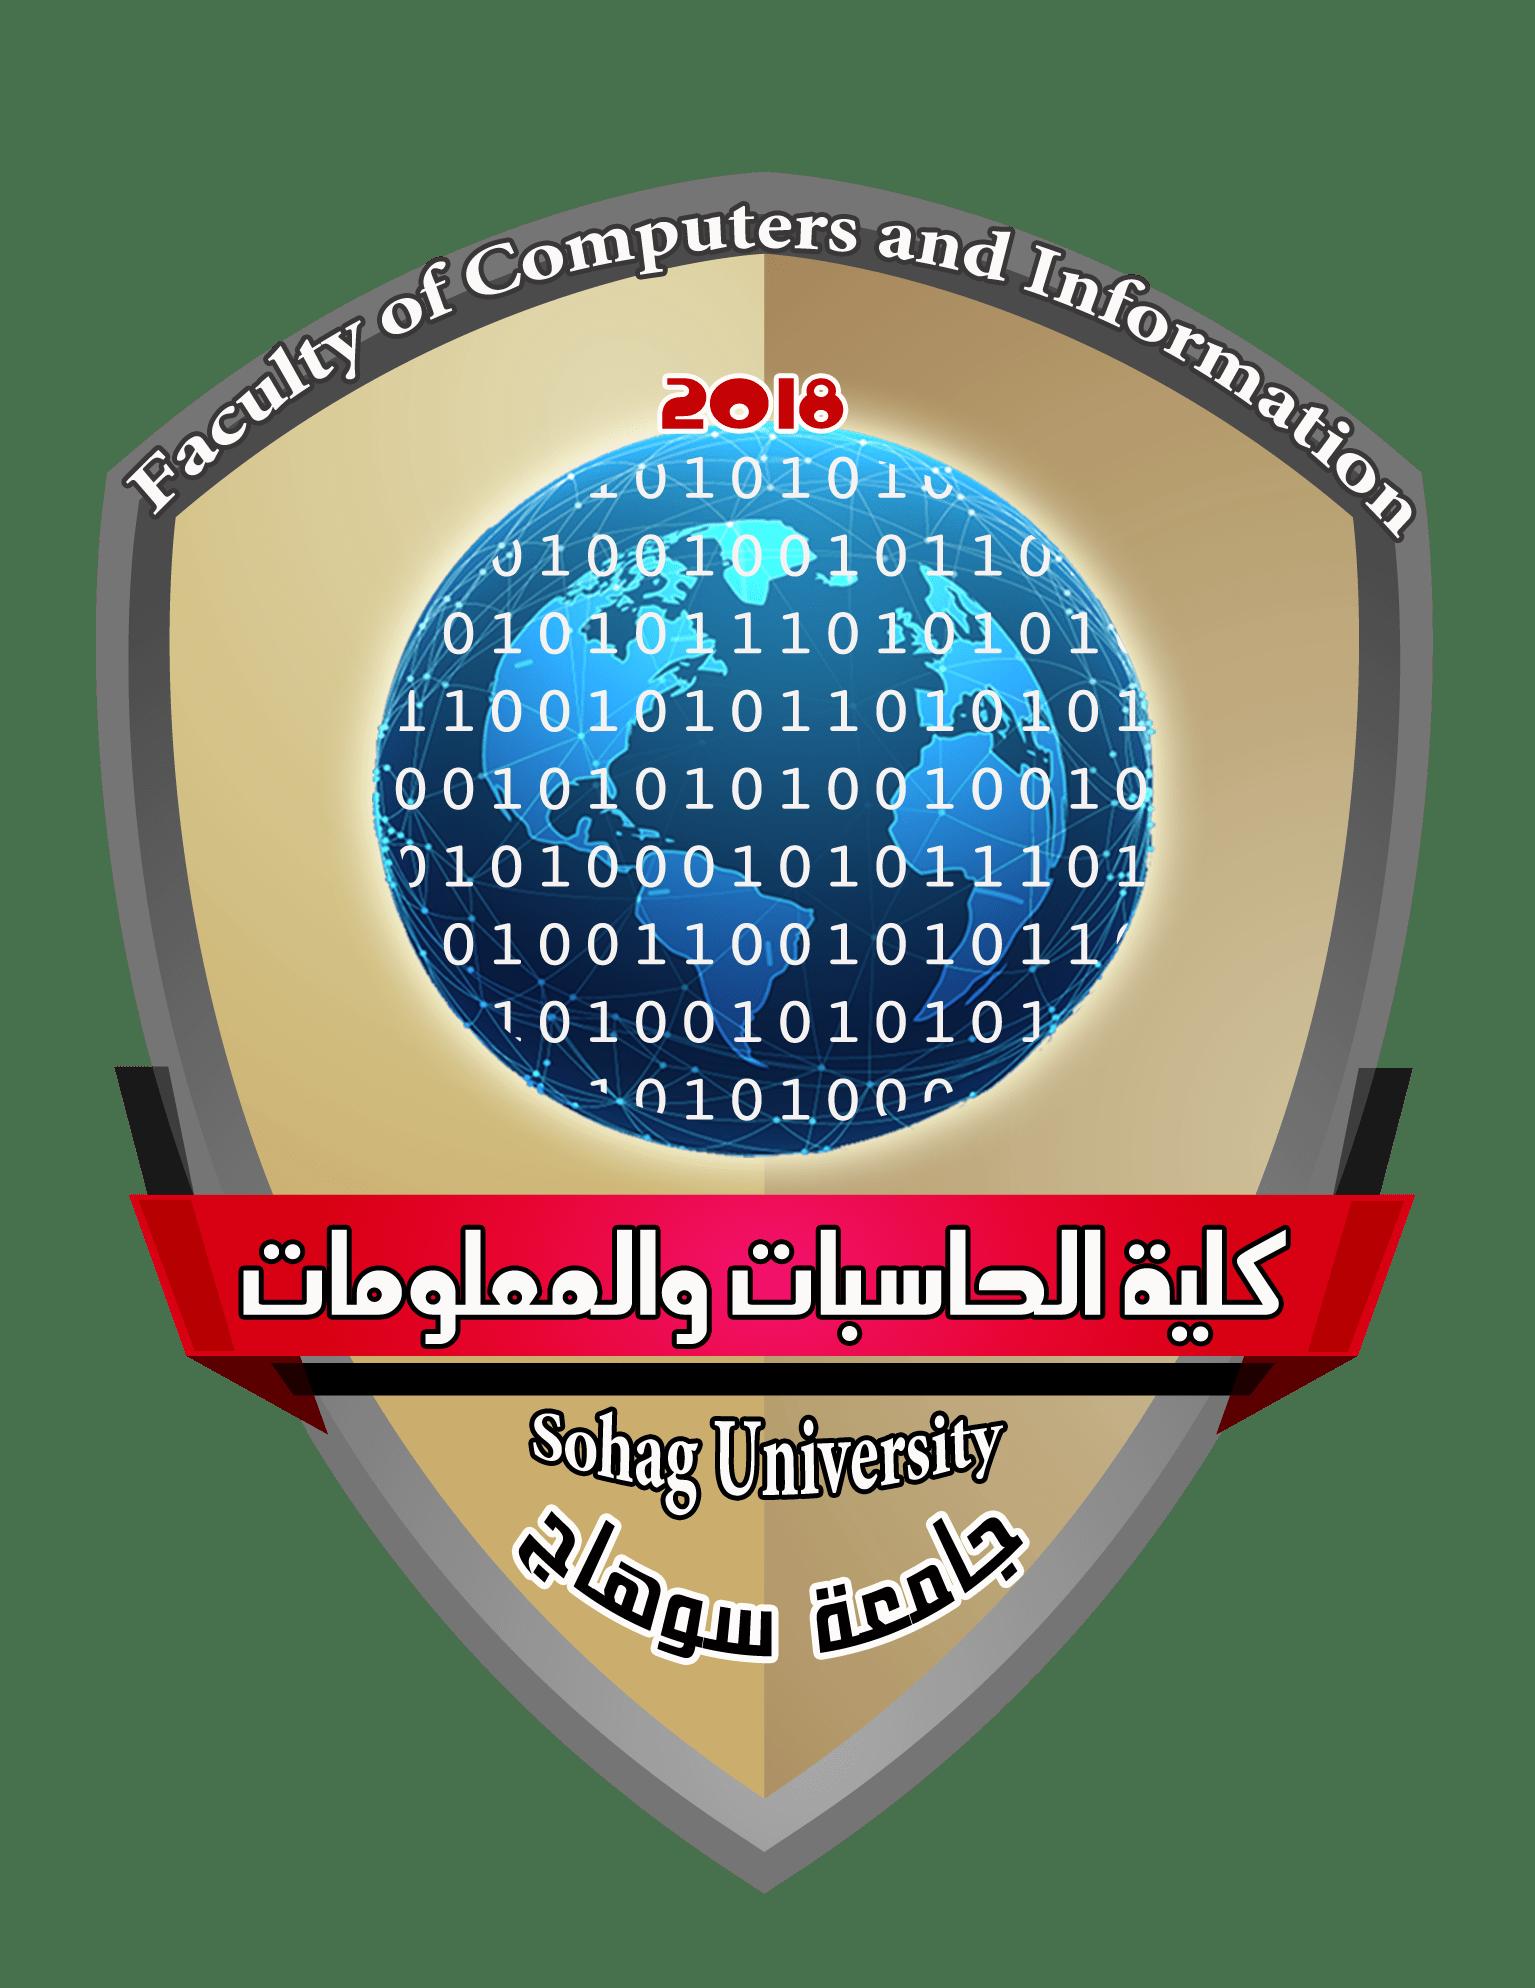 كلية الحاسبات والذكاء الأصطناعي – جامعة سوهاج